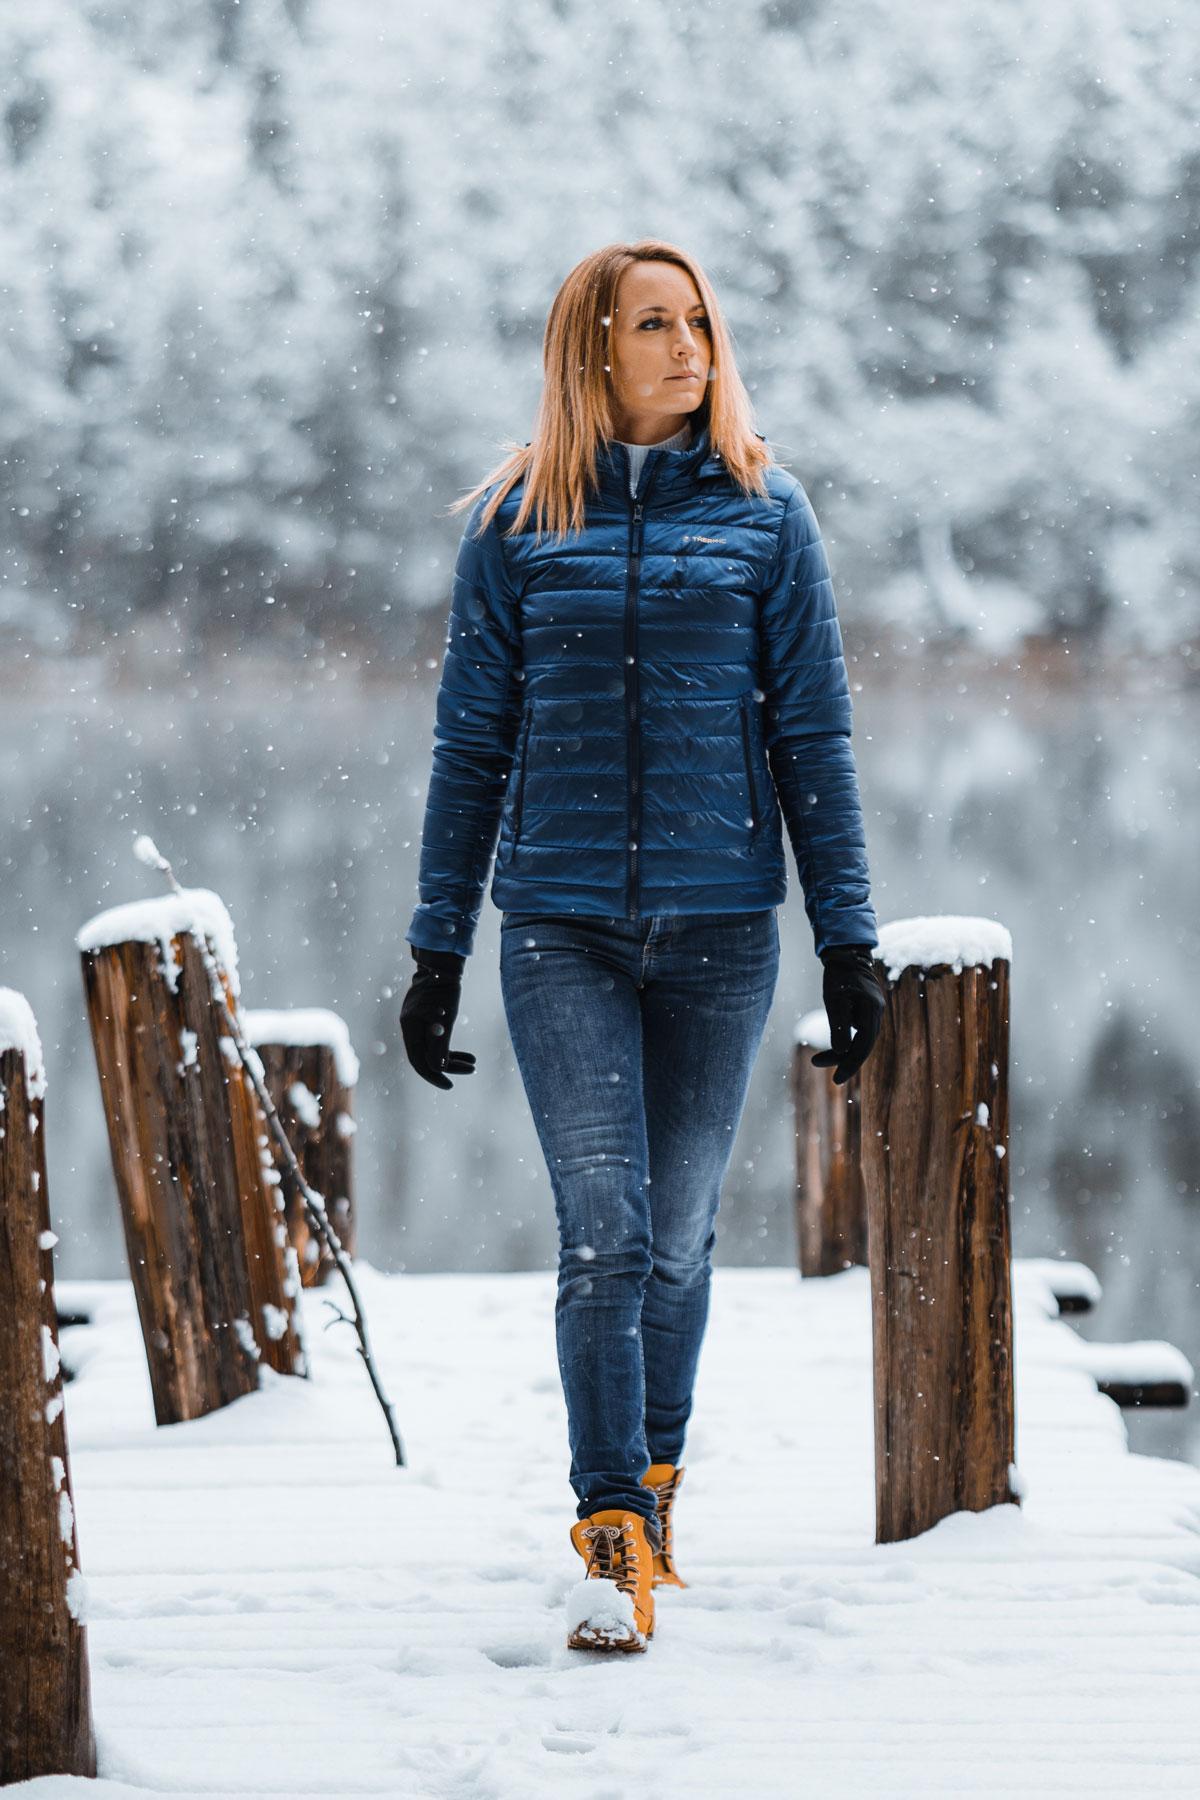 Die Daunenjacke, die Mode, Wärme und Komfort vereint!